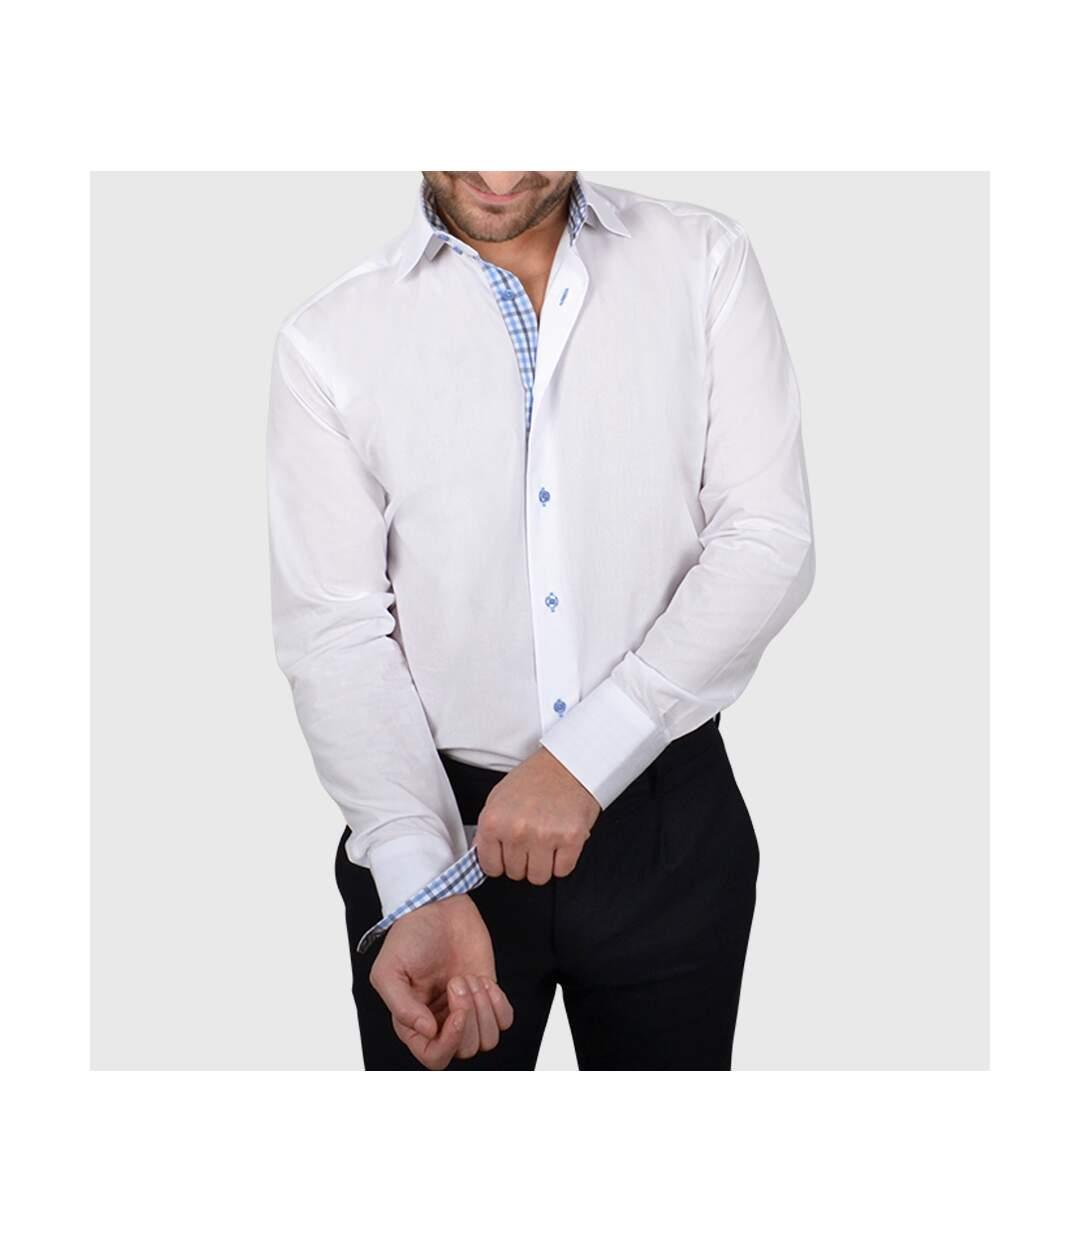 Chemise homme blanche intérieur à carreaux marines et ciels - Chemise NON CINTRÉE